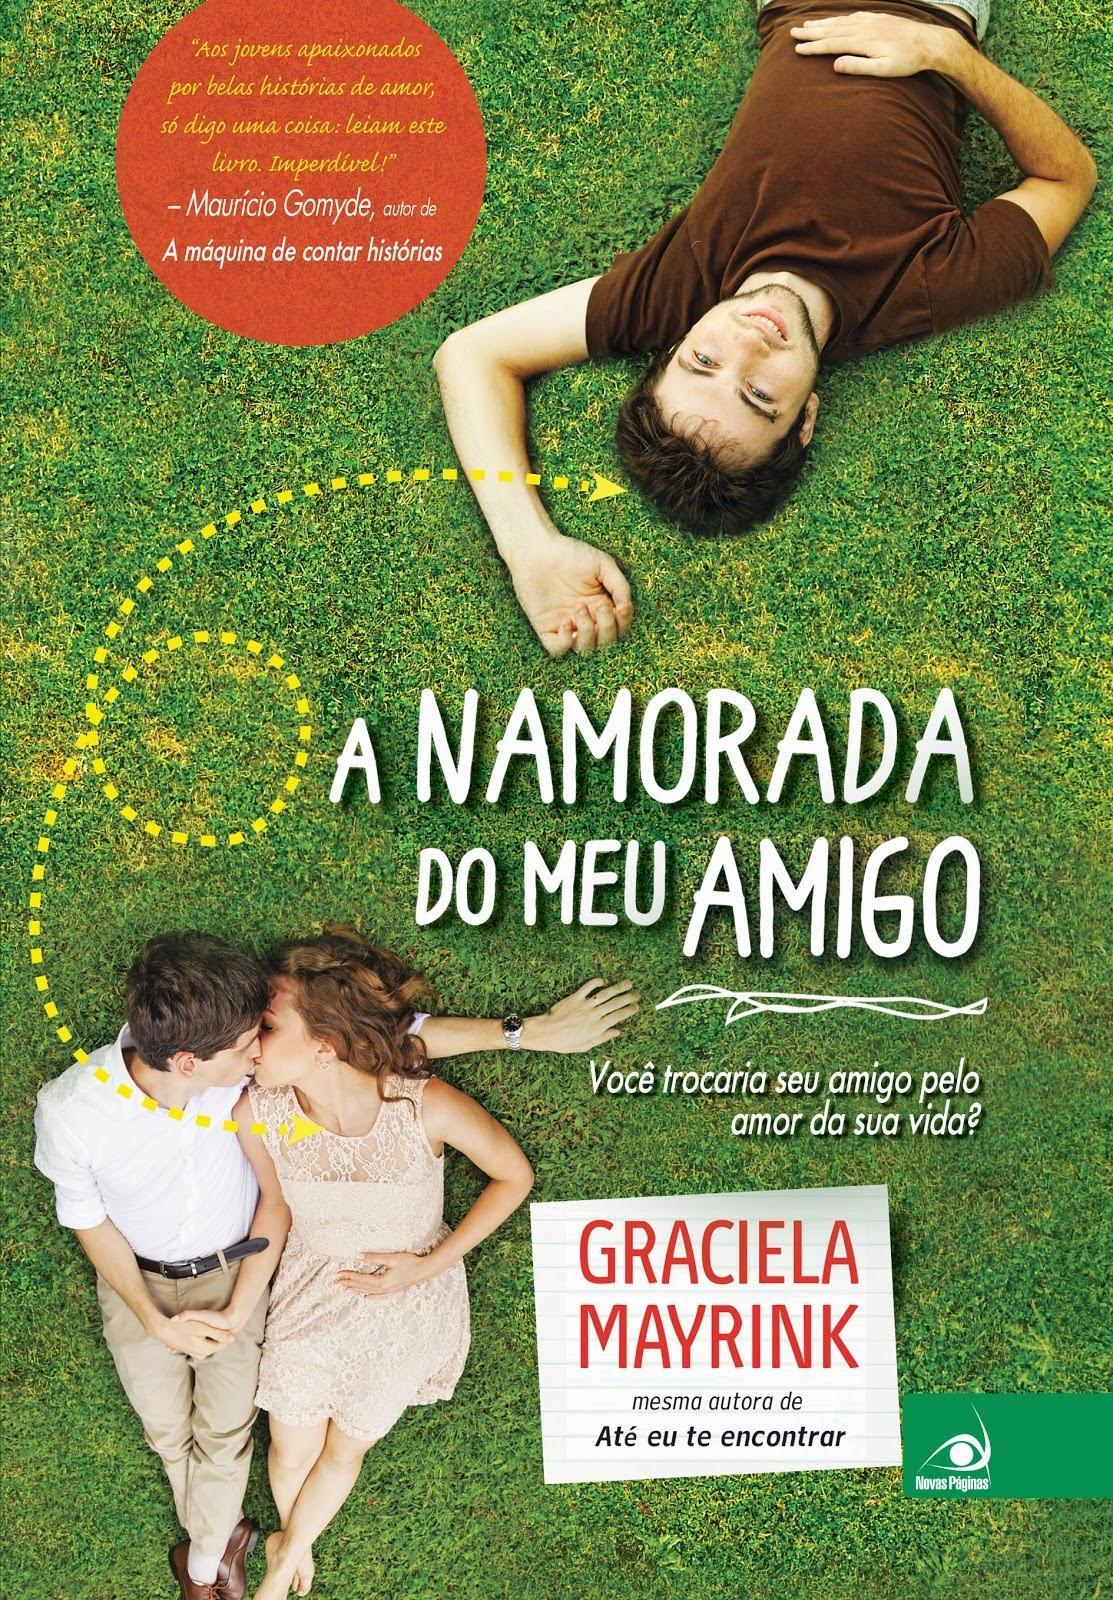 http://thebestwordsbr.blogspot.com.br/2014/08/namorada-do-meu-amigo-graciela-mayrink.html